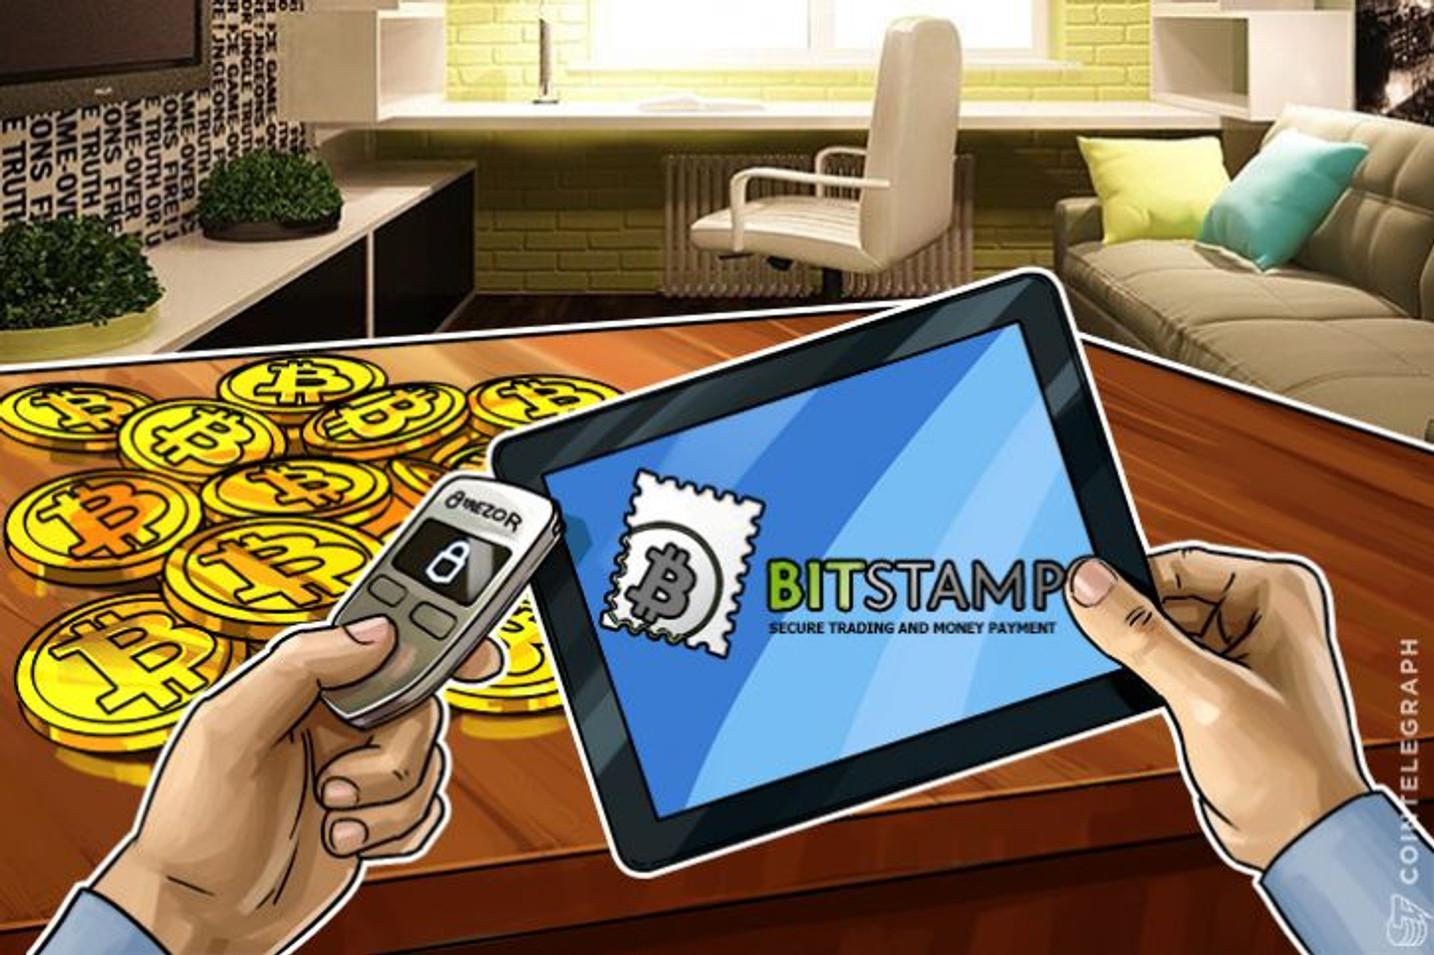 ビットコイン取引所BitstampとハードウォレットメーカーTrezorが新たなパートナーシップを締結